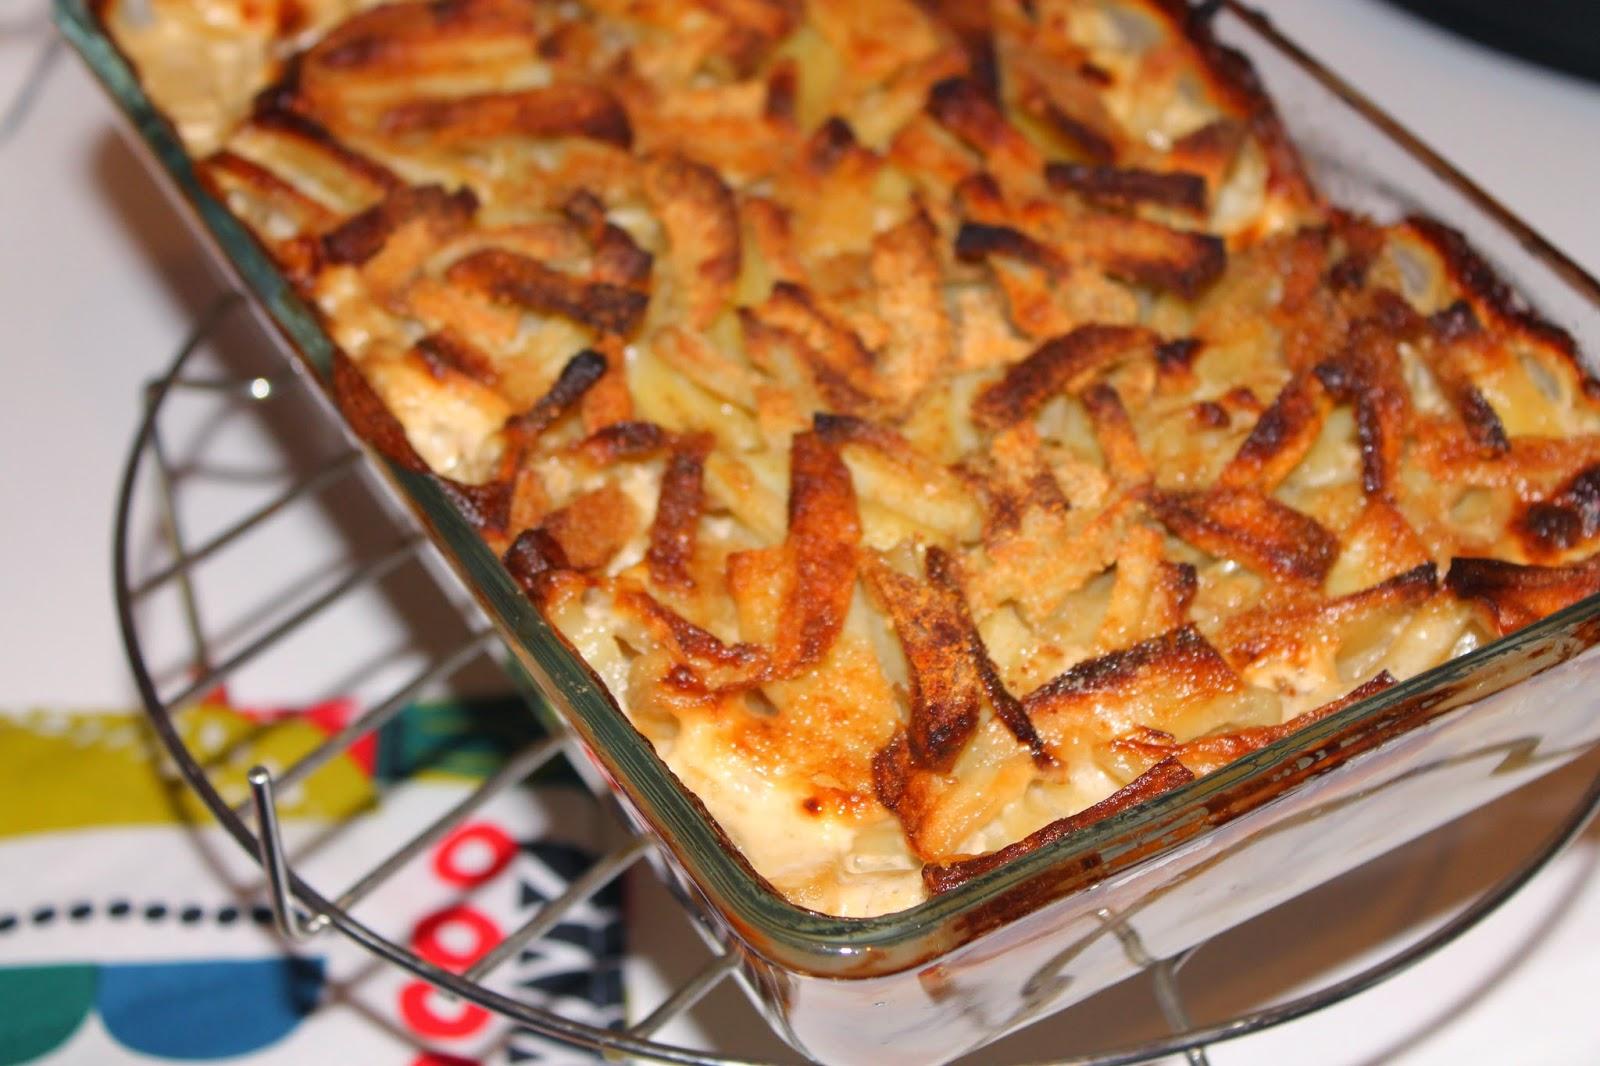 Recette gratin de pommes de terre et anchois